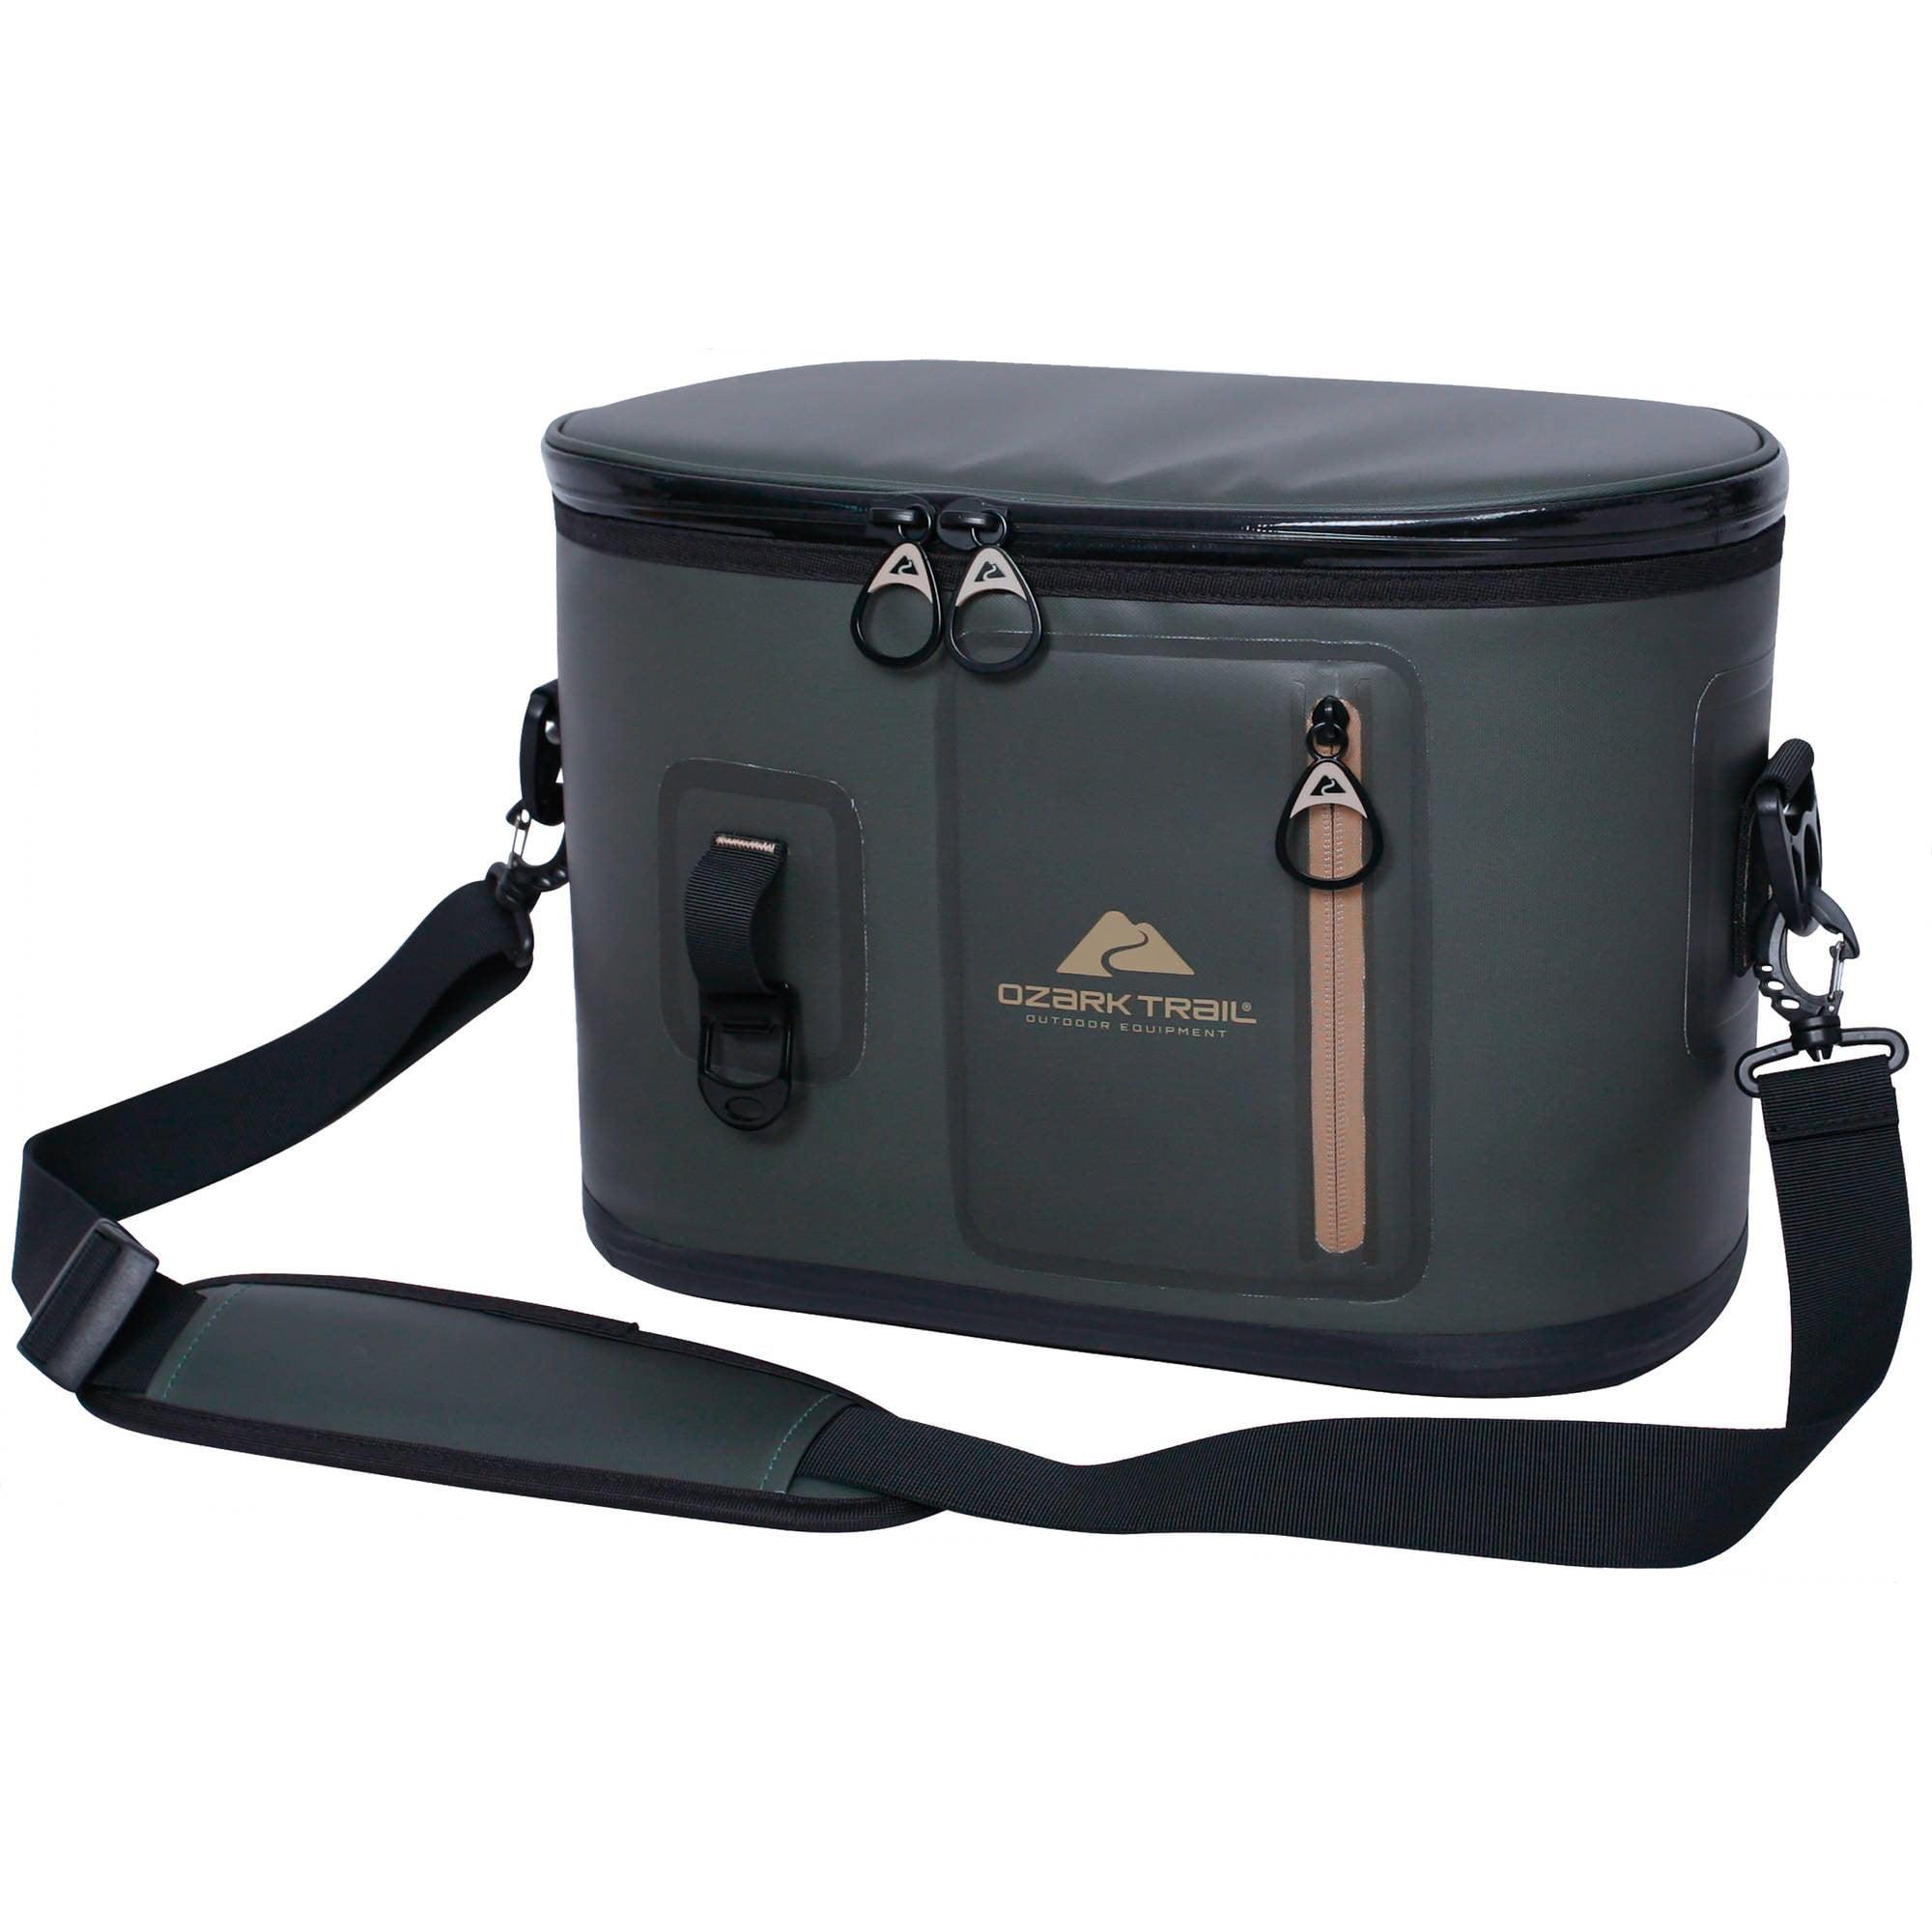 Ozark Trail 12-Can Premium Cooler by Olivet International